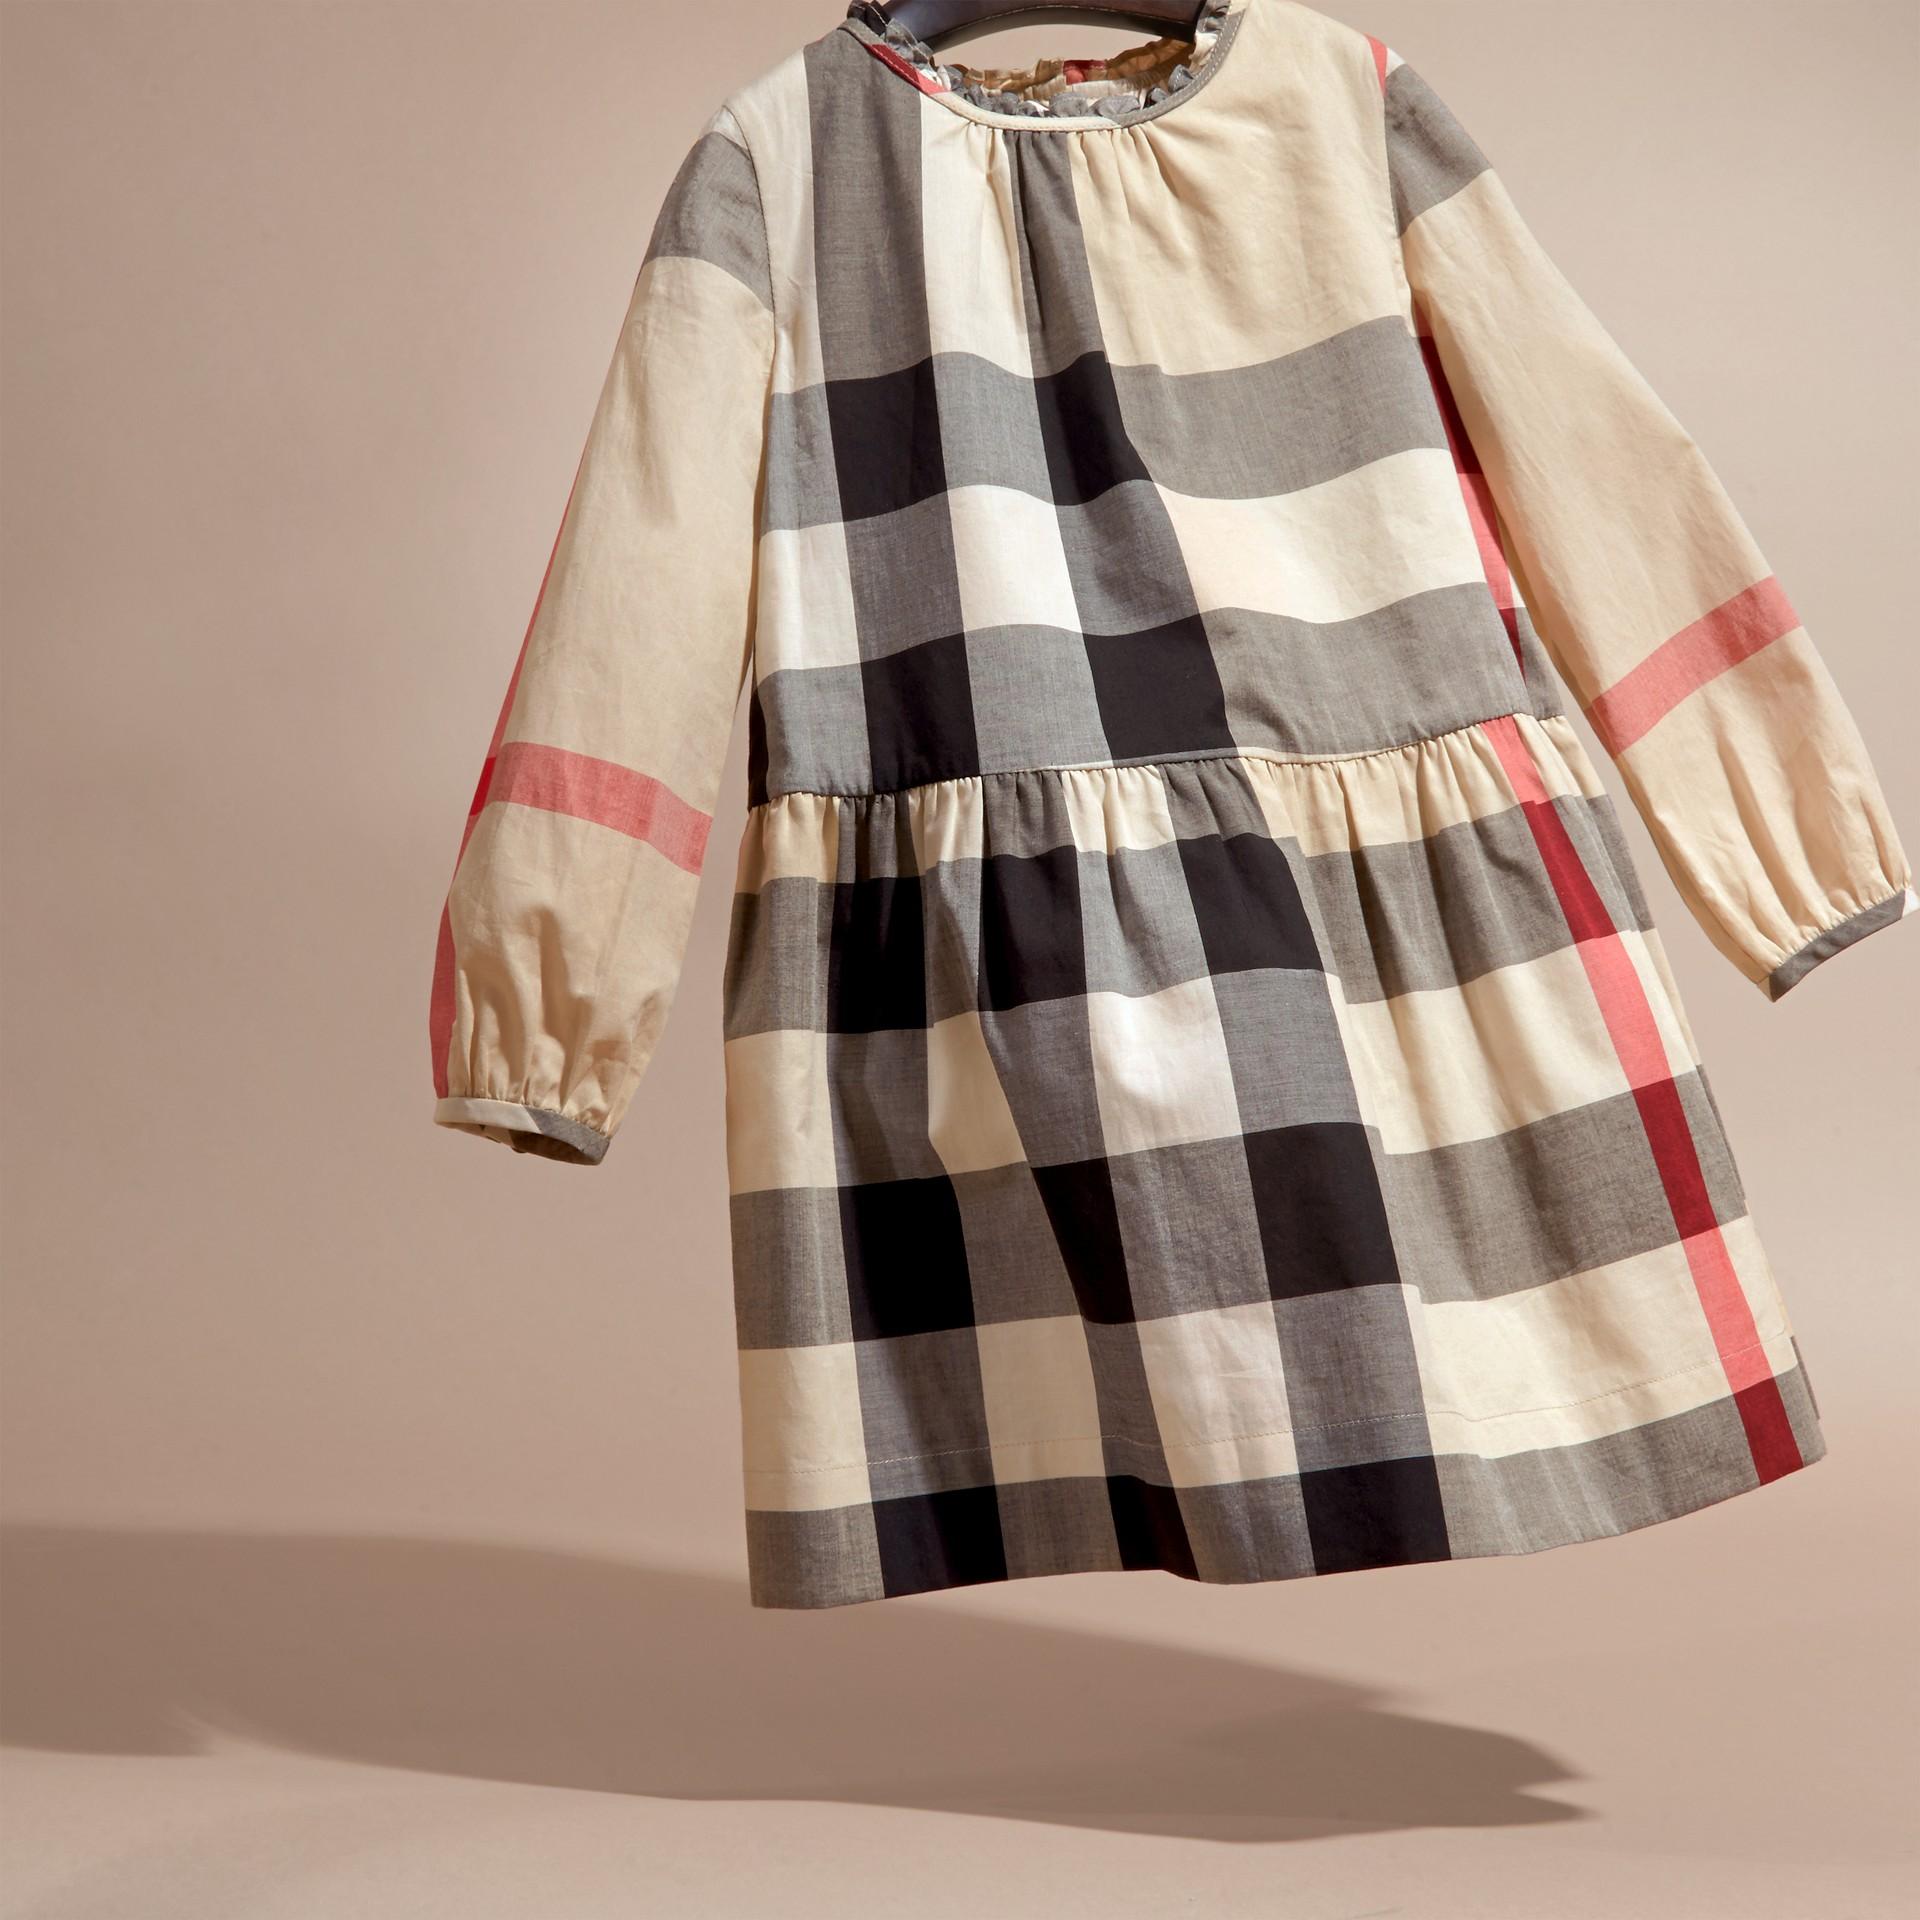 新經典格紋 褶飾細節格紋棉質洋裝 新經典格紋 - 圖庫照片 3